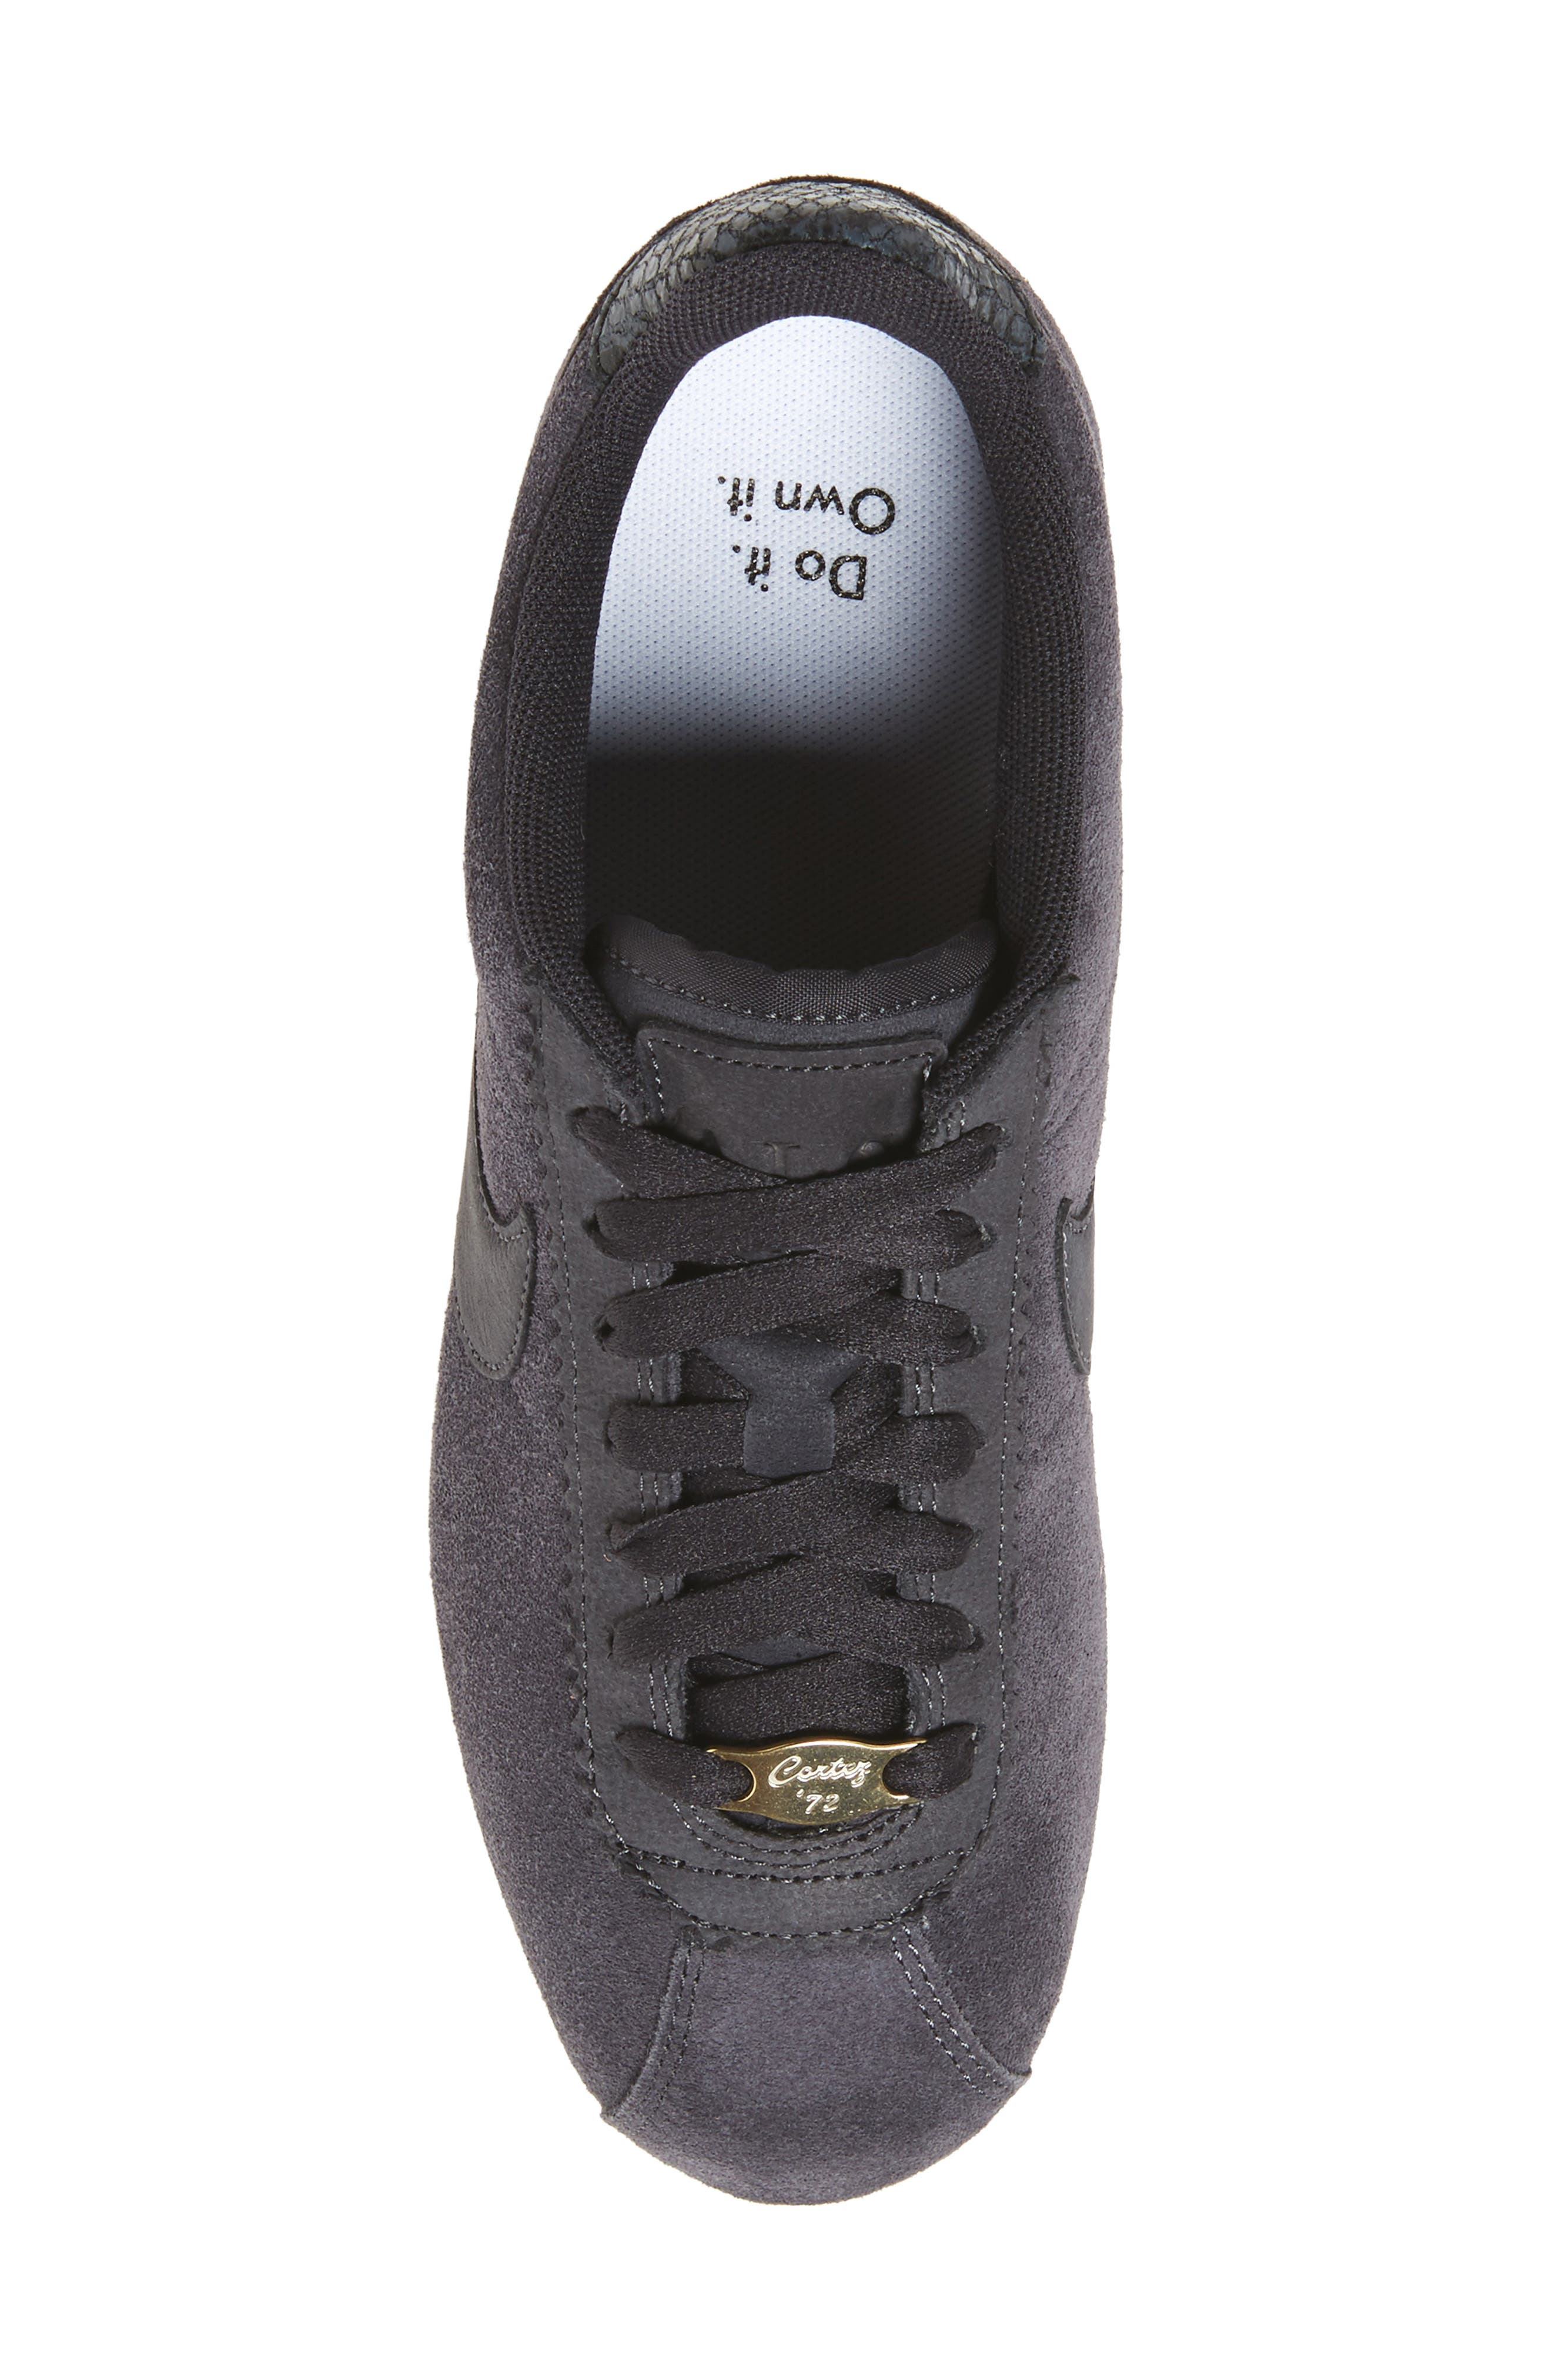 x A.L.C. Classic Cortez Sneaker,                             Alternate thumbnail 5, color,                             001